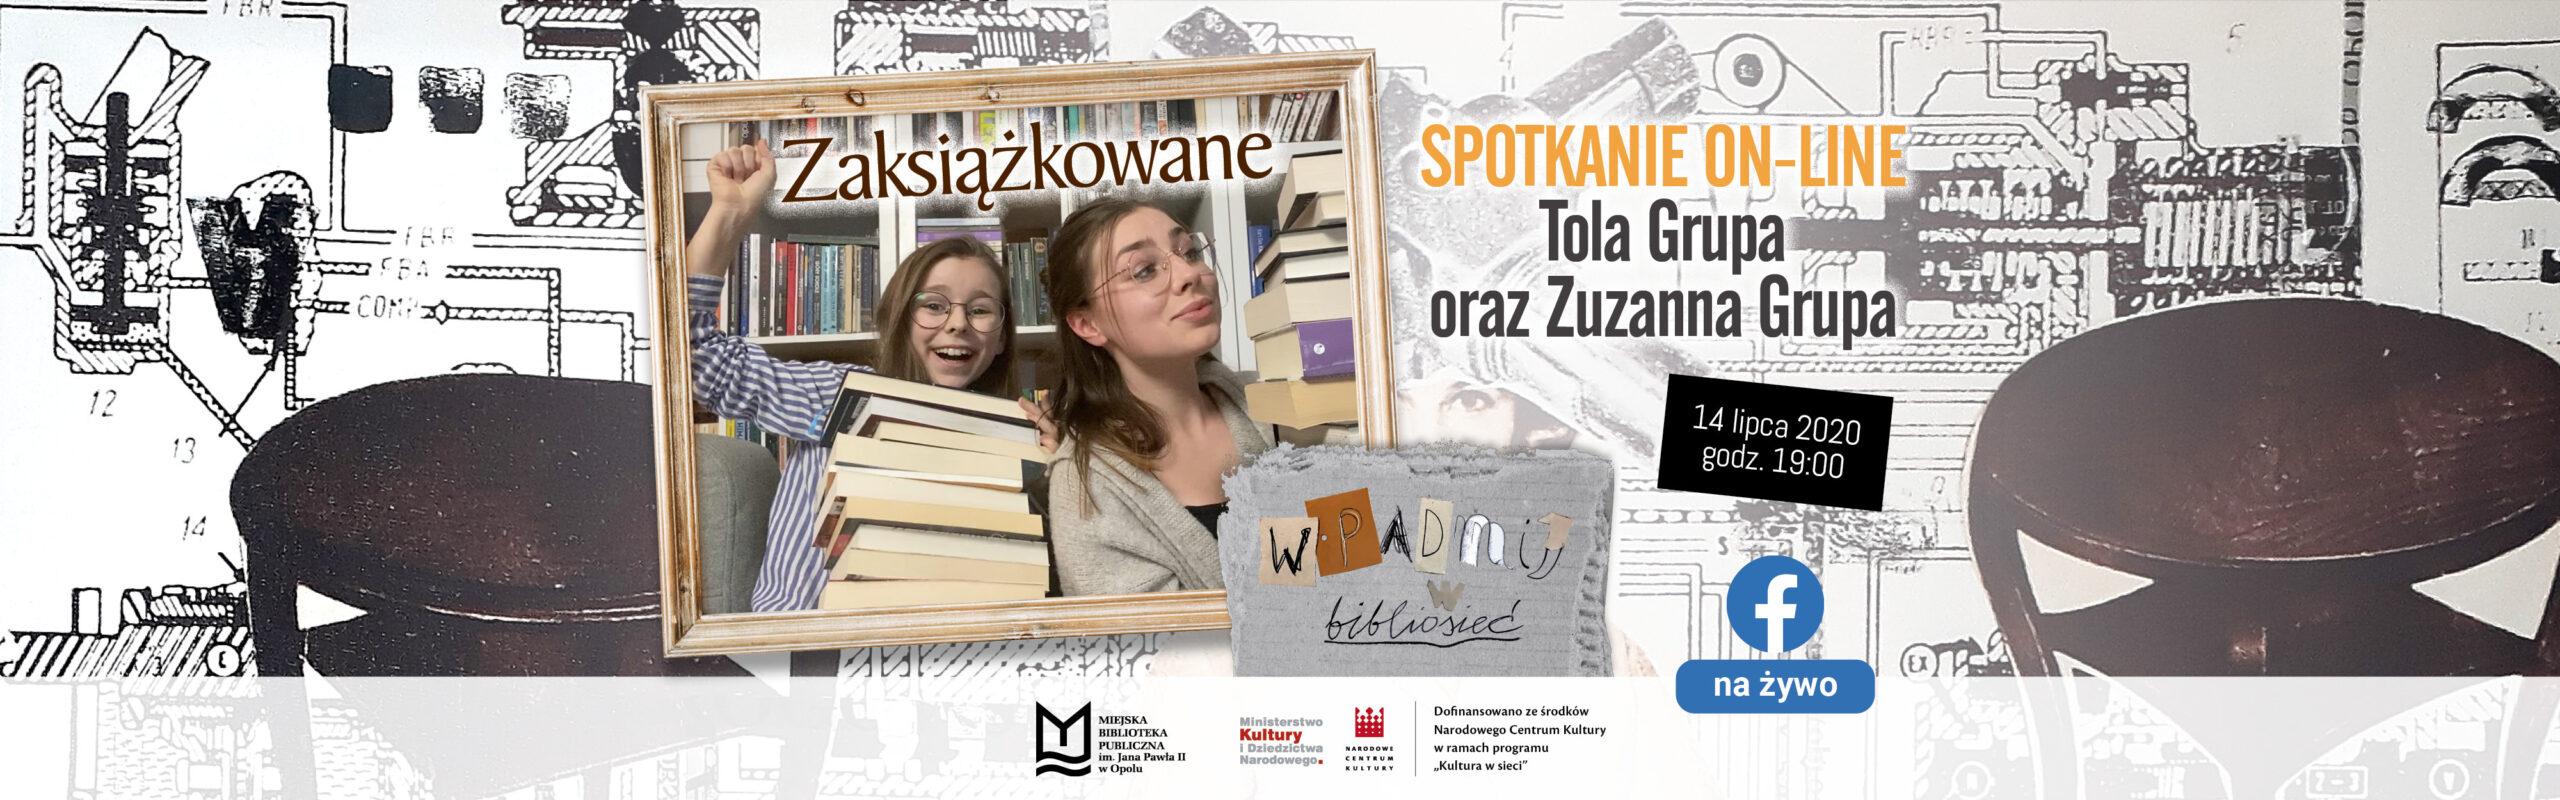 Zaksiążkowane – spotkanie on-line z youtuberkami: Tolą i Zuzanną Grupą